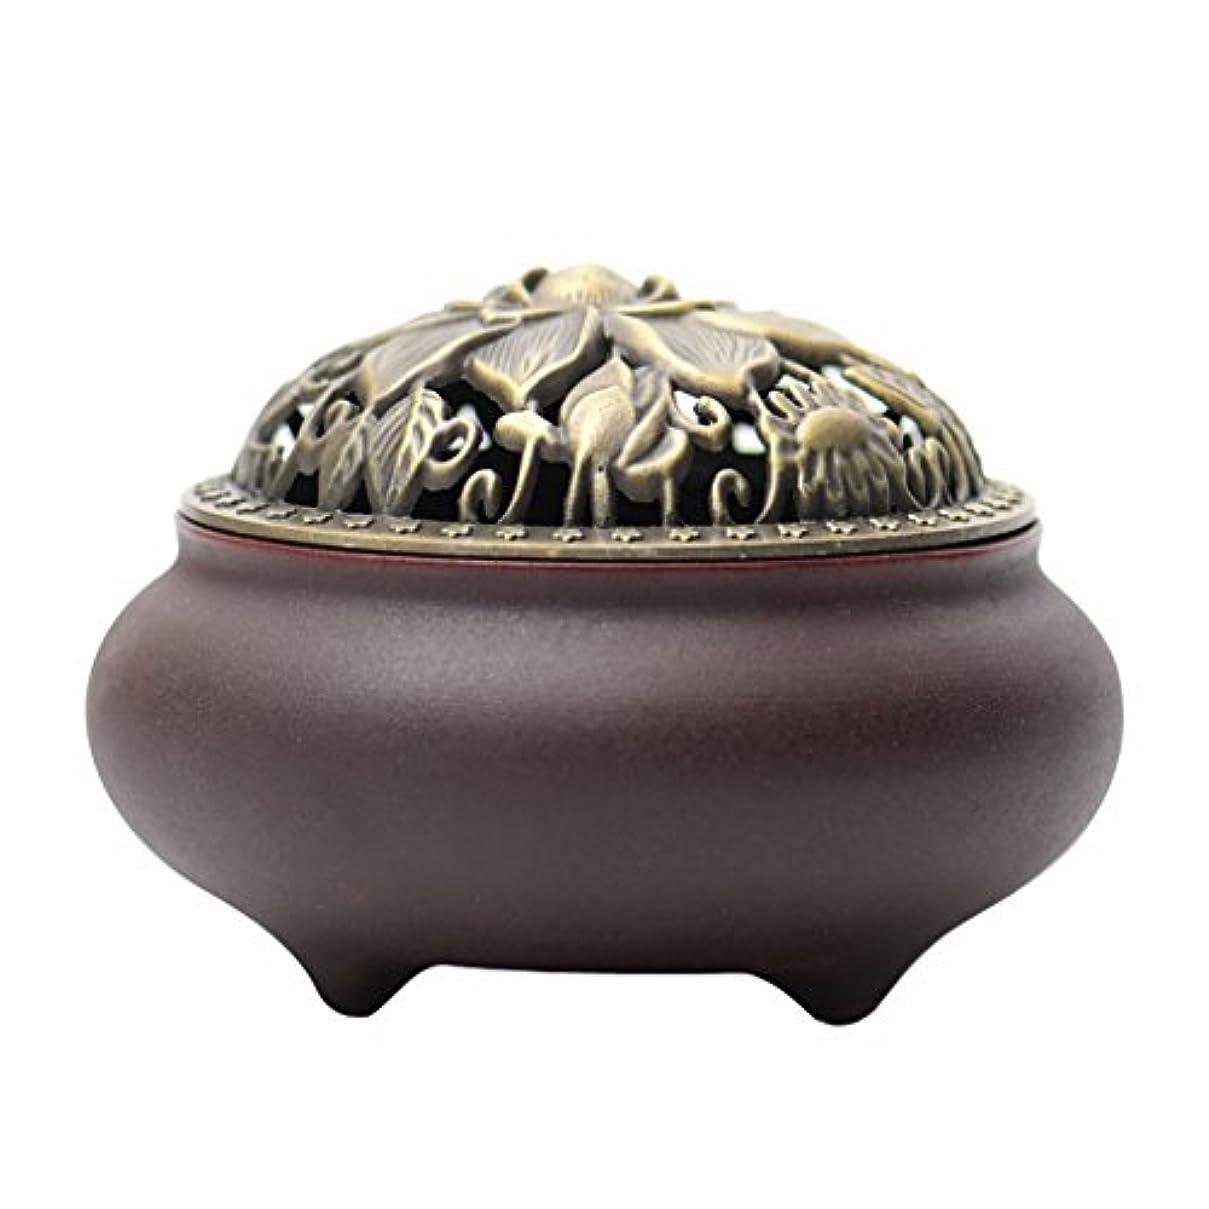 破壊する苦しむ解説(ラシューバー) Lasuiveur 香炉 線香立て 香立て 職人さんの手作り 茶道用品 おしゃれ  木製 透かし彫り